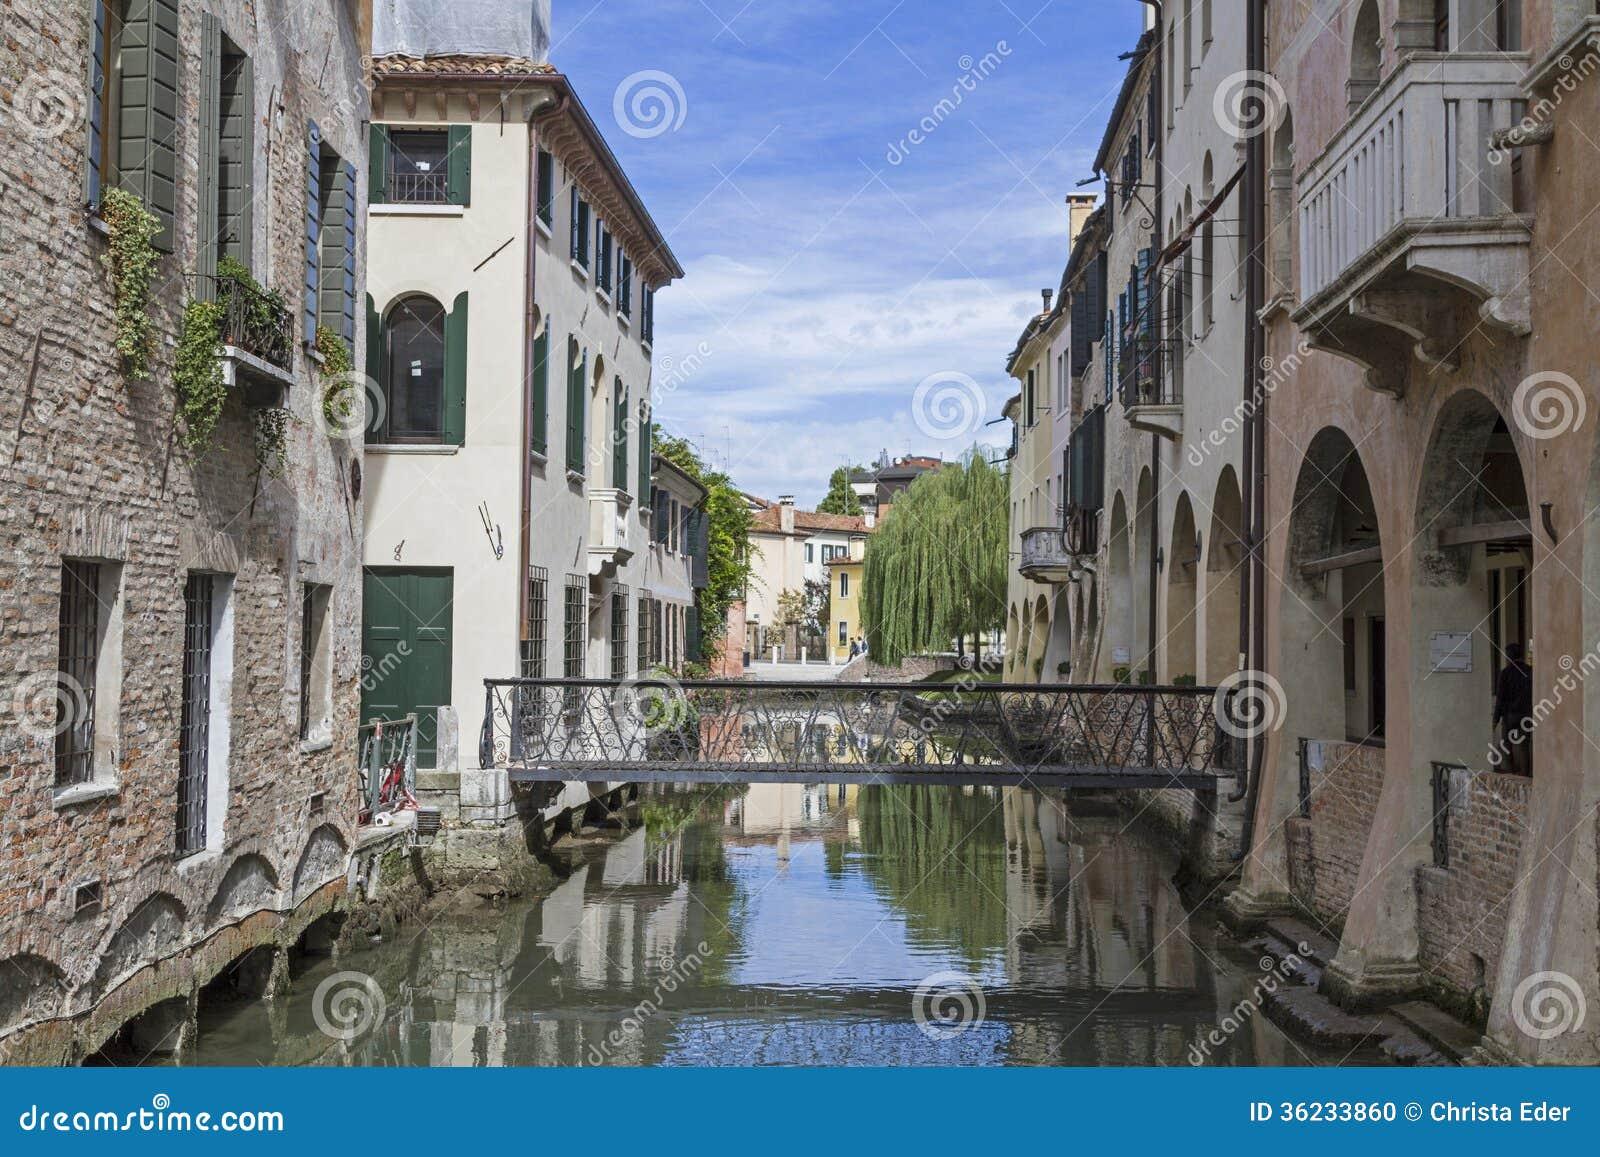 Treviso in Veneto